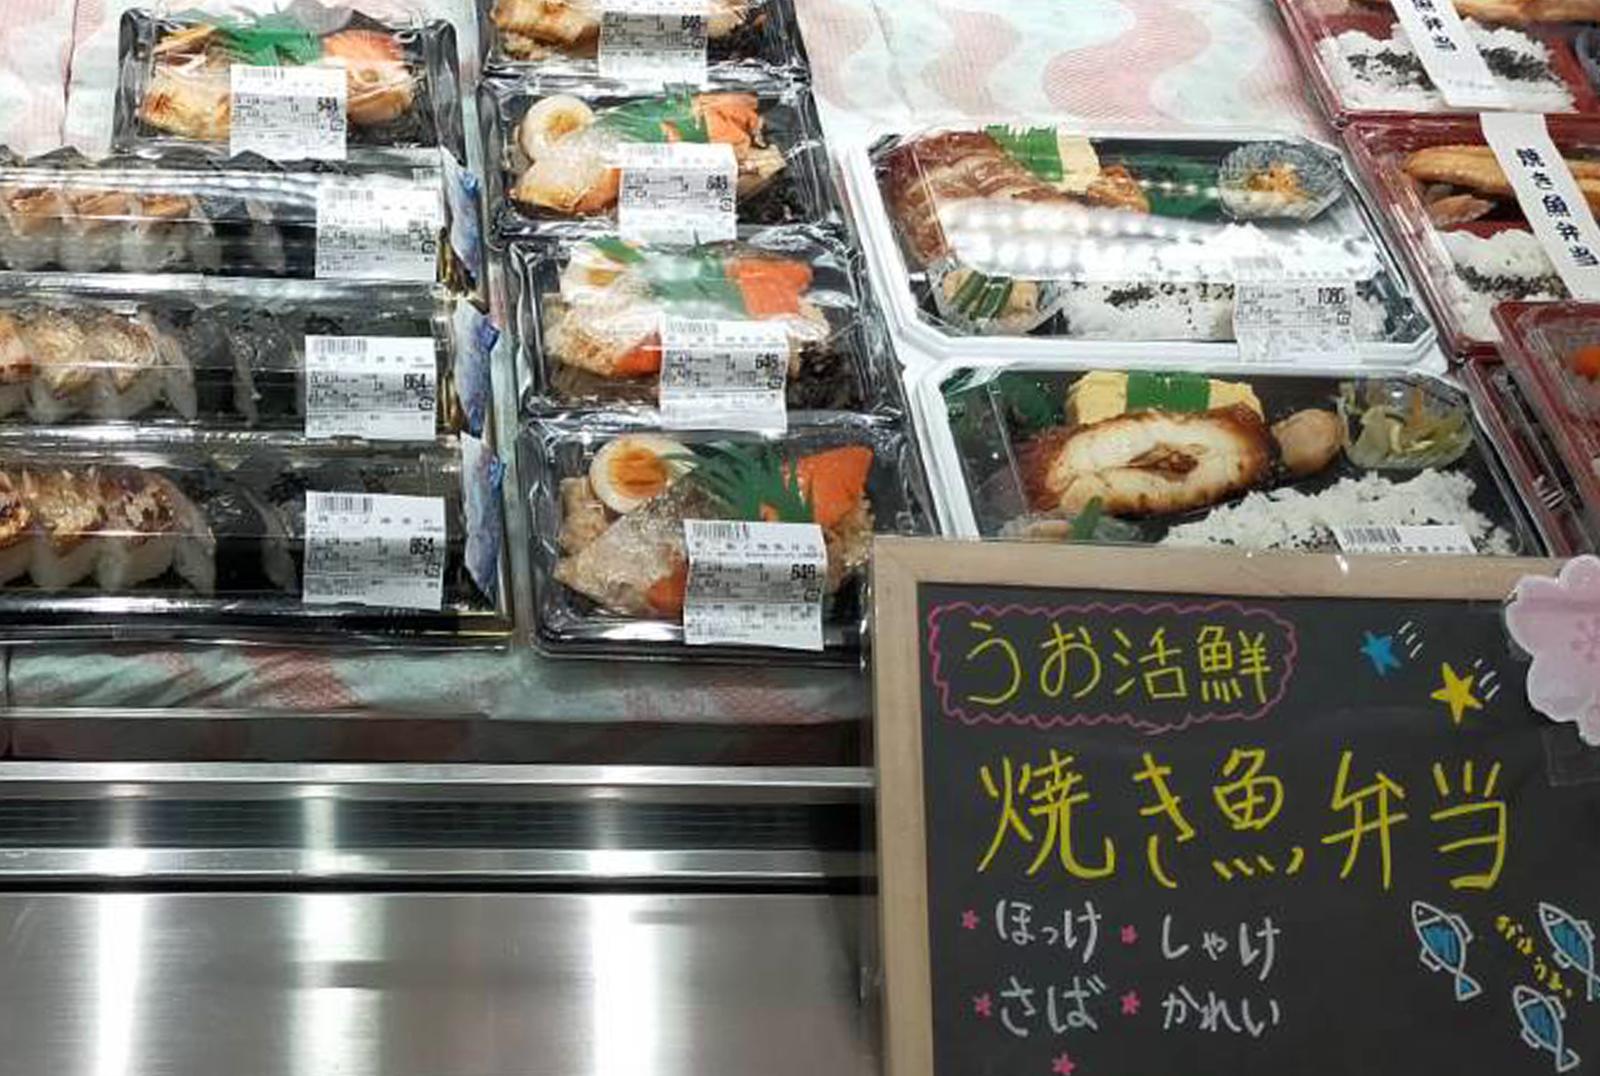 大丸松坂屋百貨店 心斎橋店